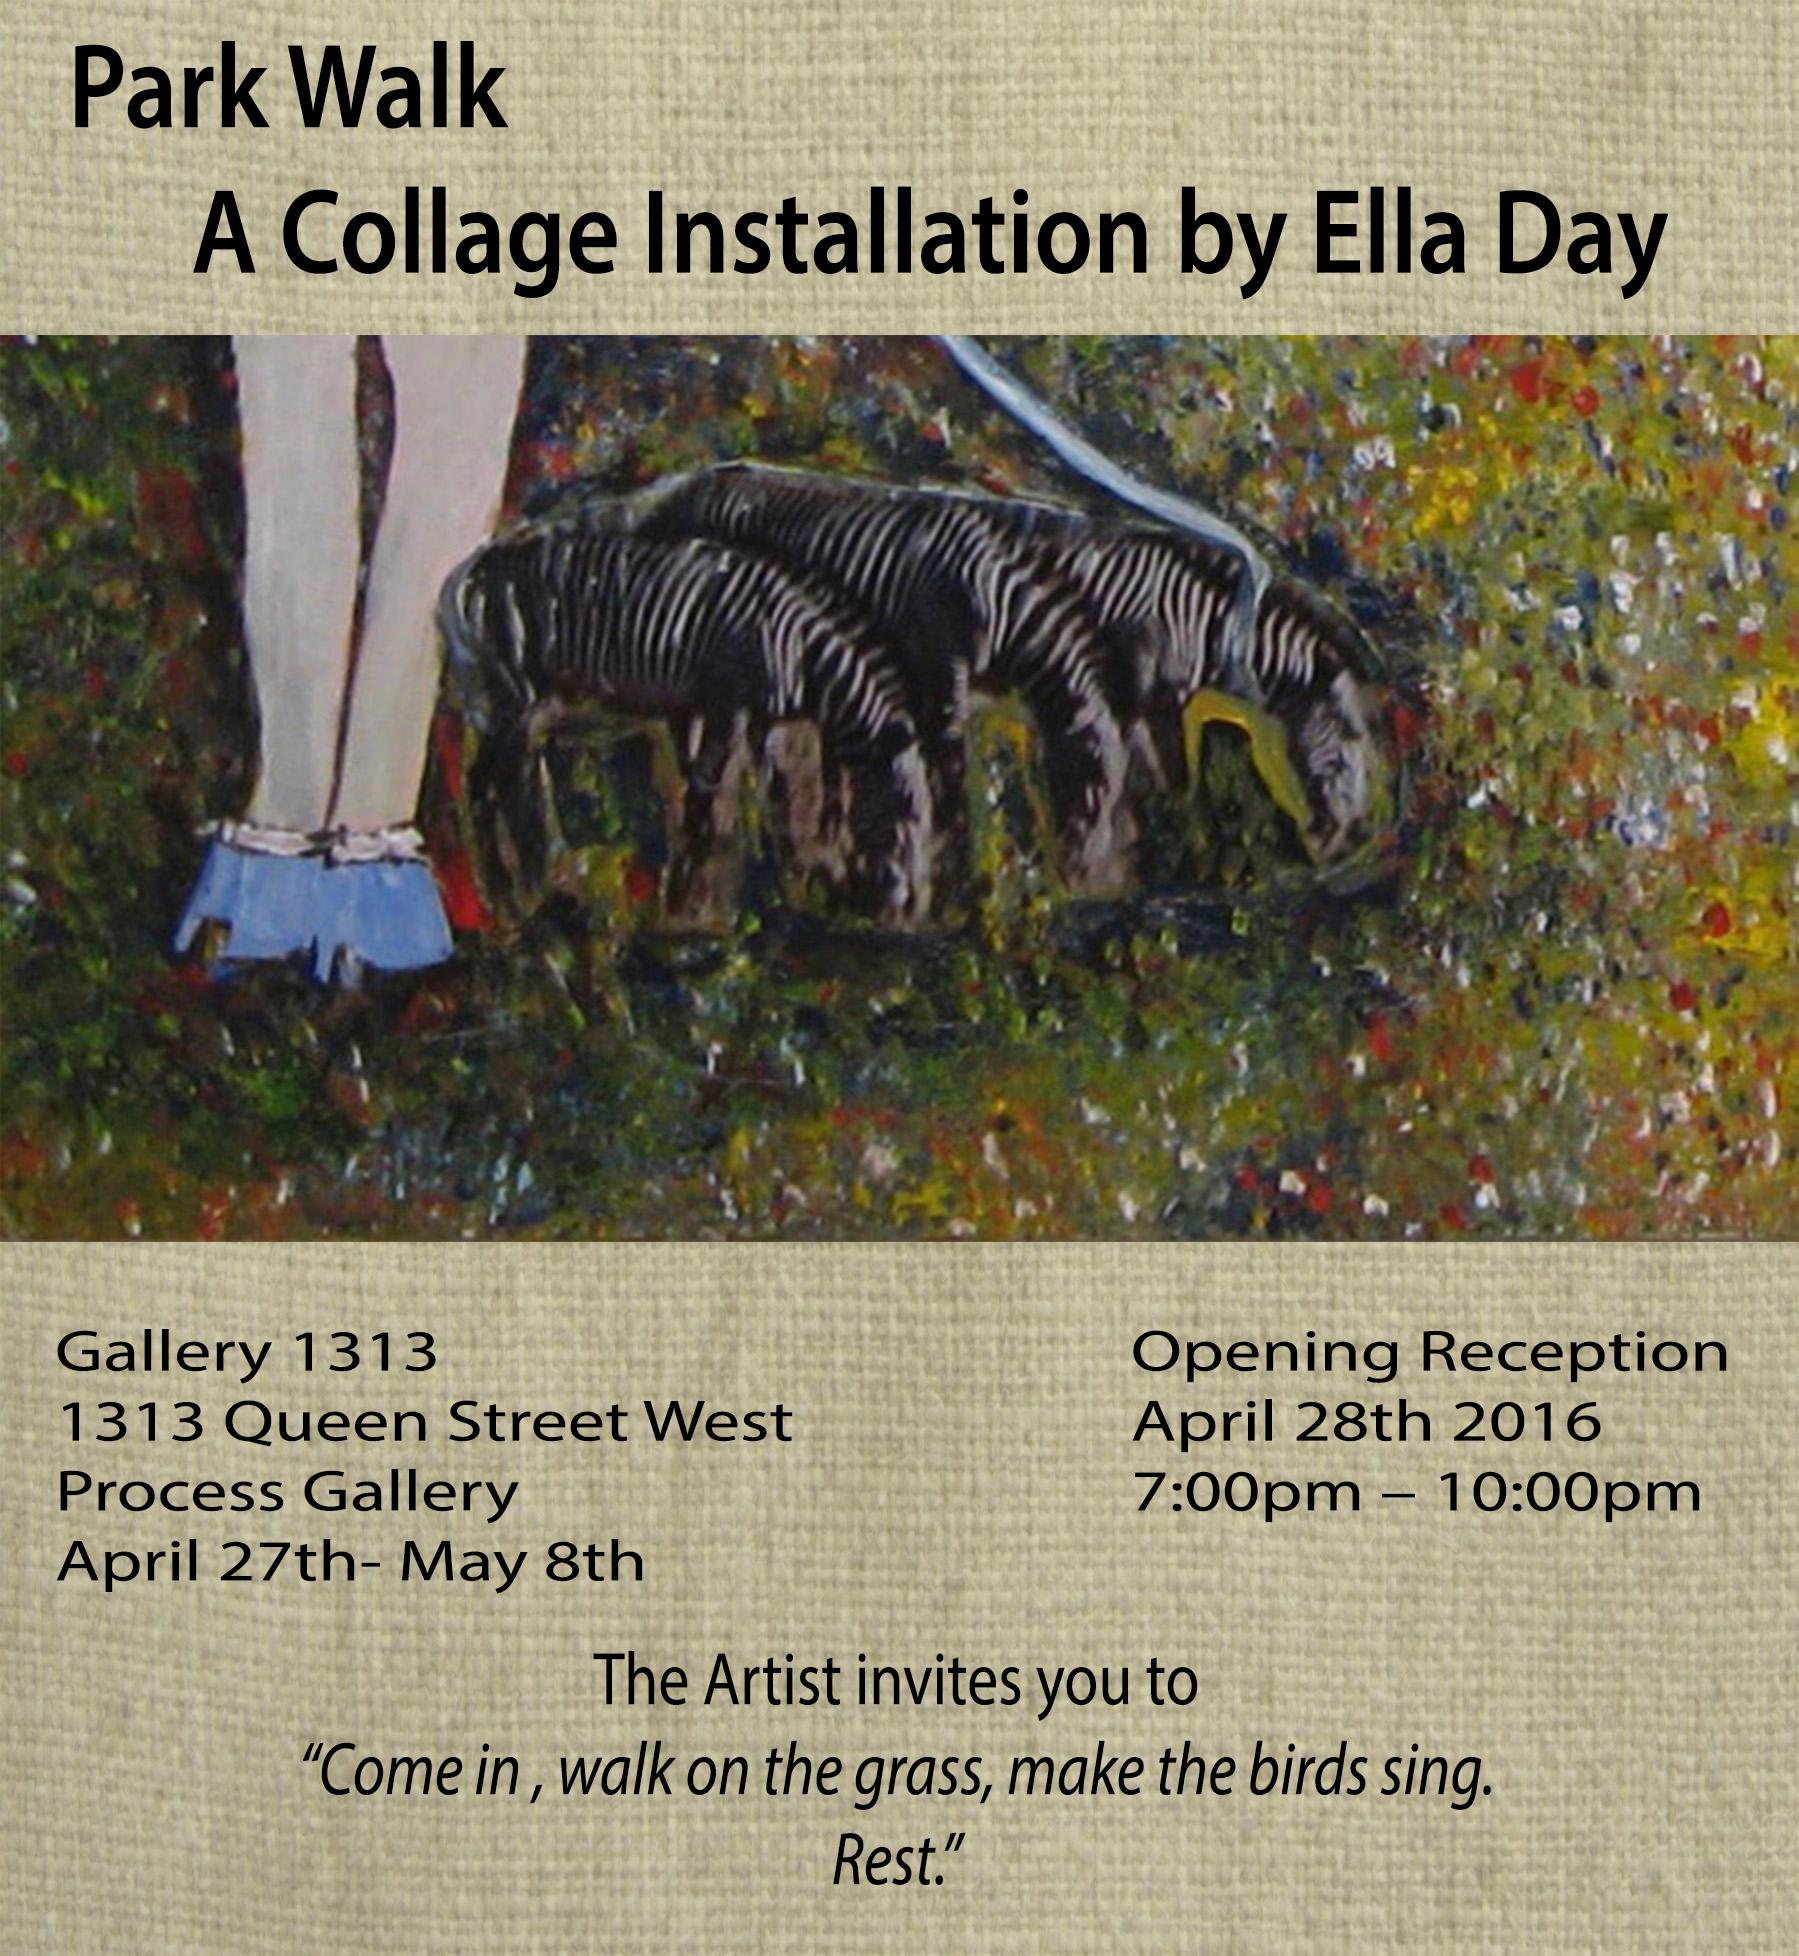 Park Walk by Ella Day